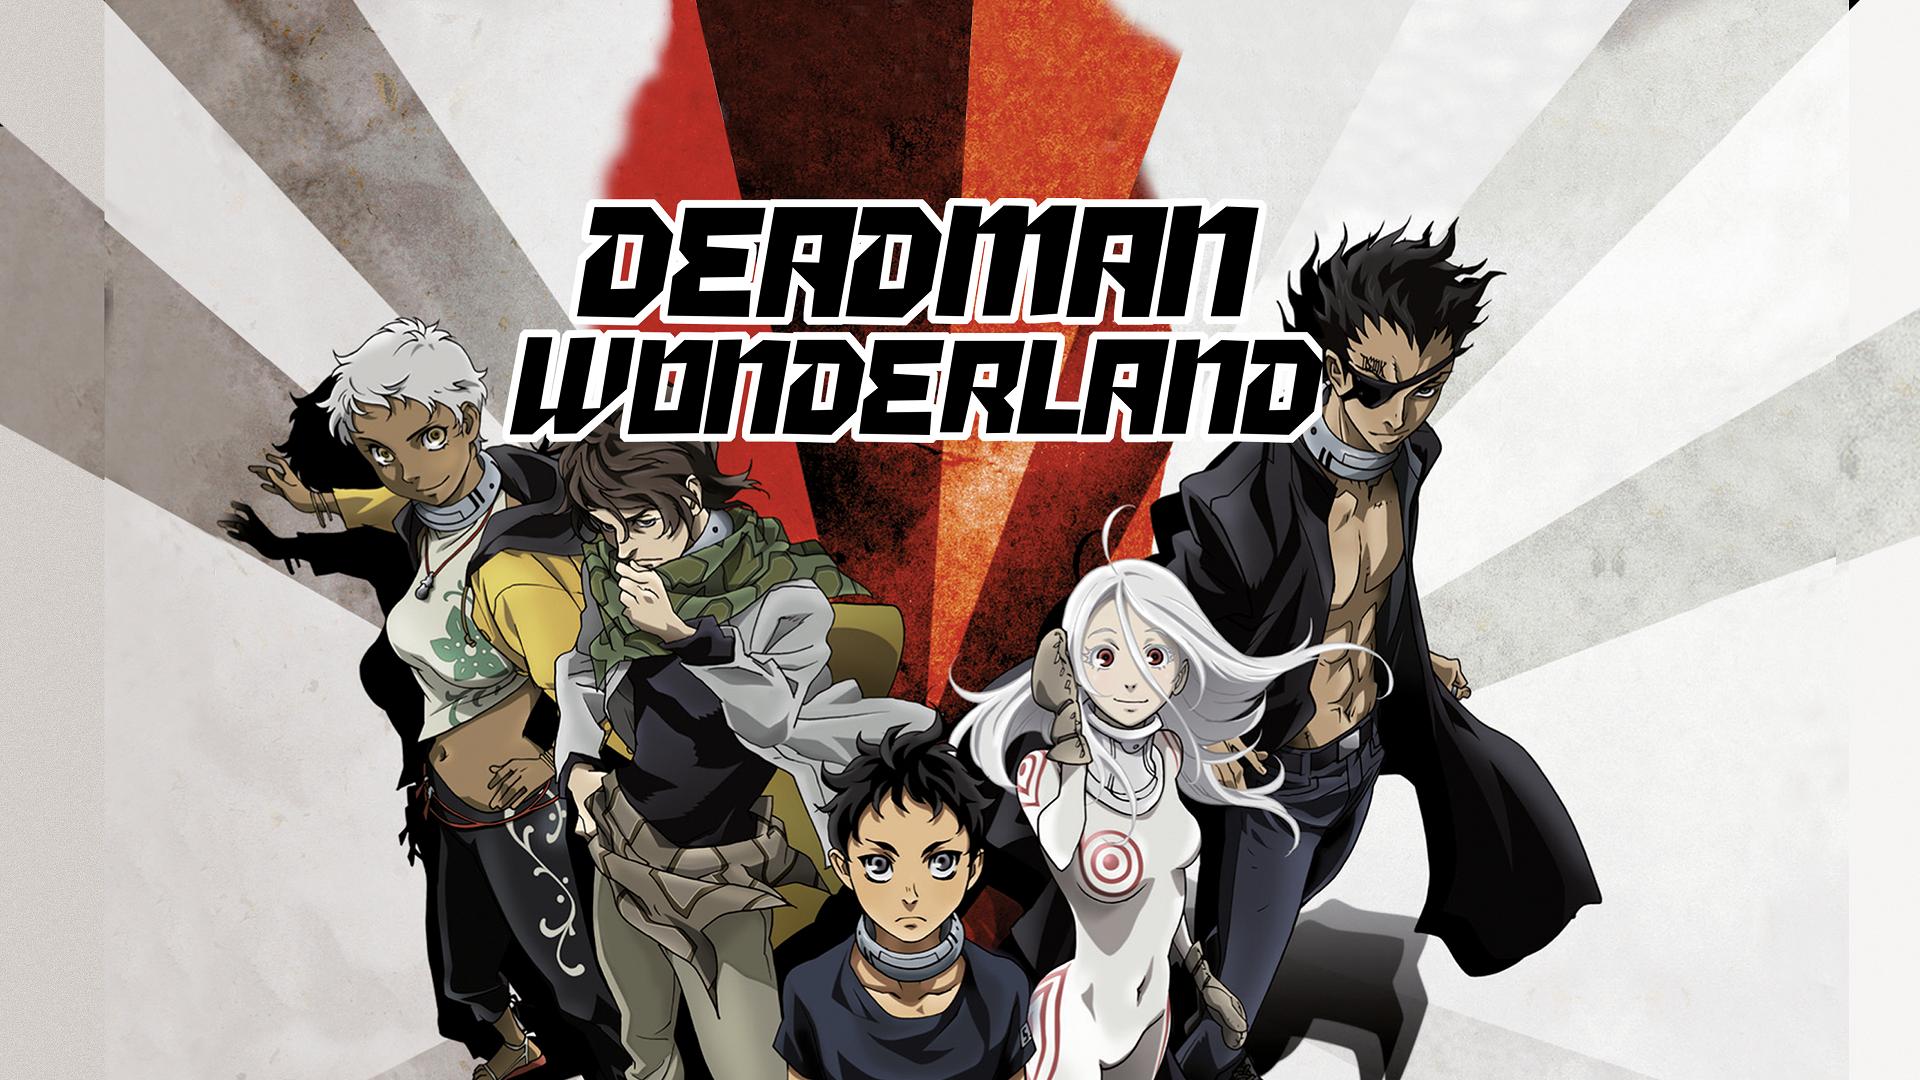 Deadman Wonderland